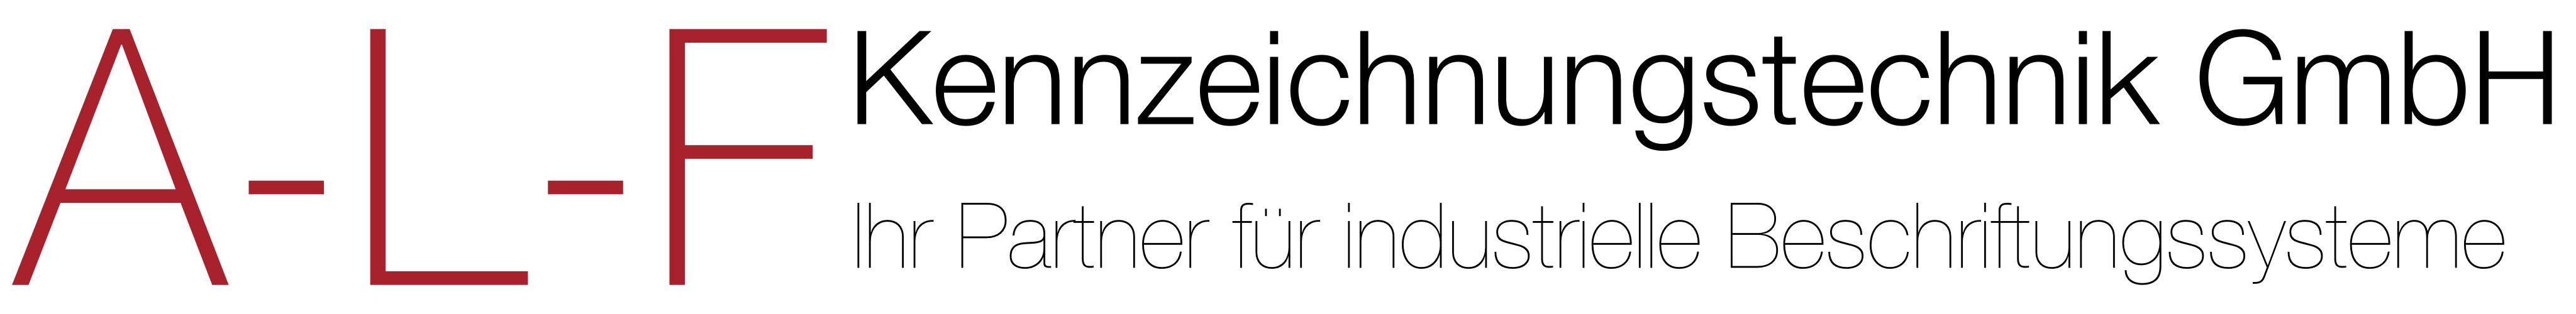 A-L-F Kennzeichnungstechnik GmbH